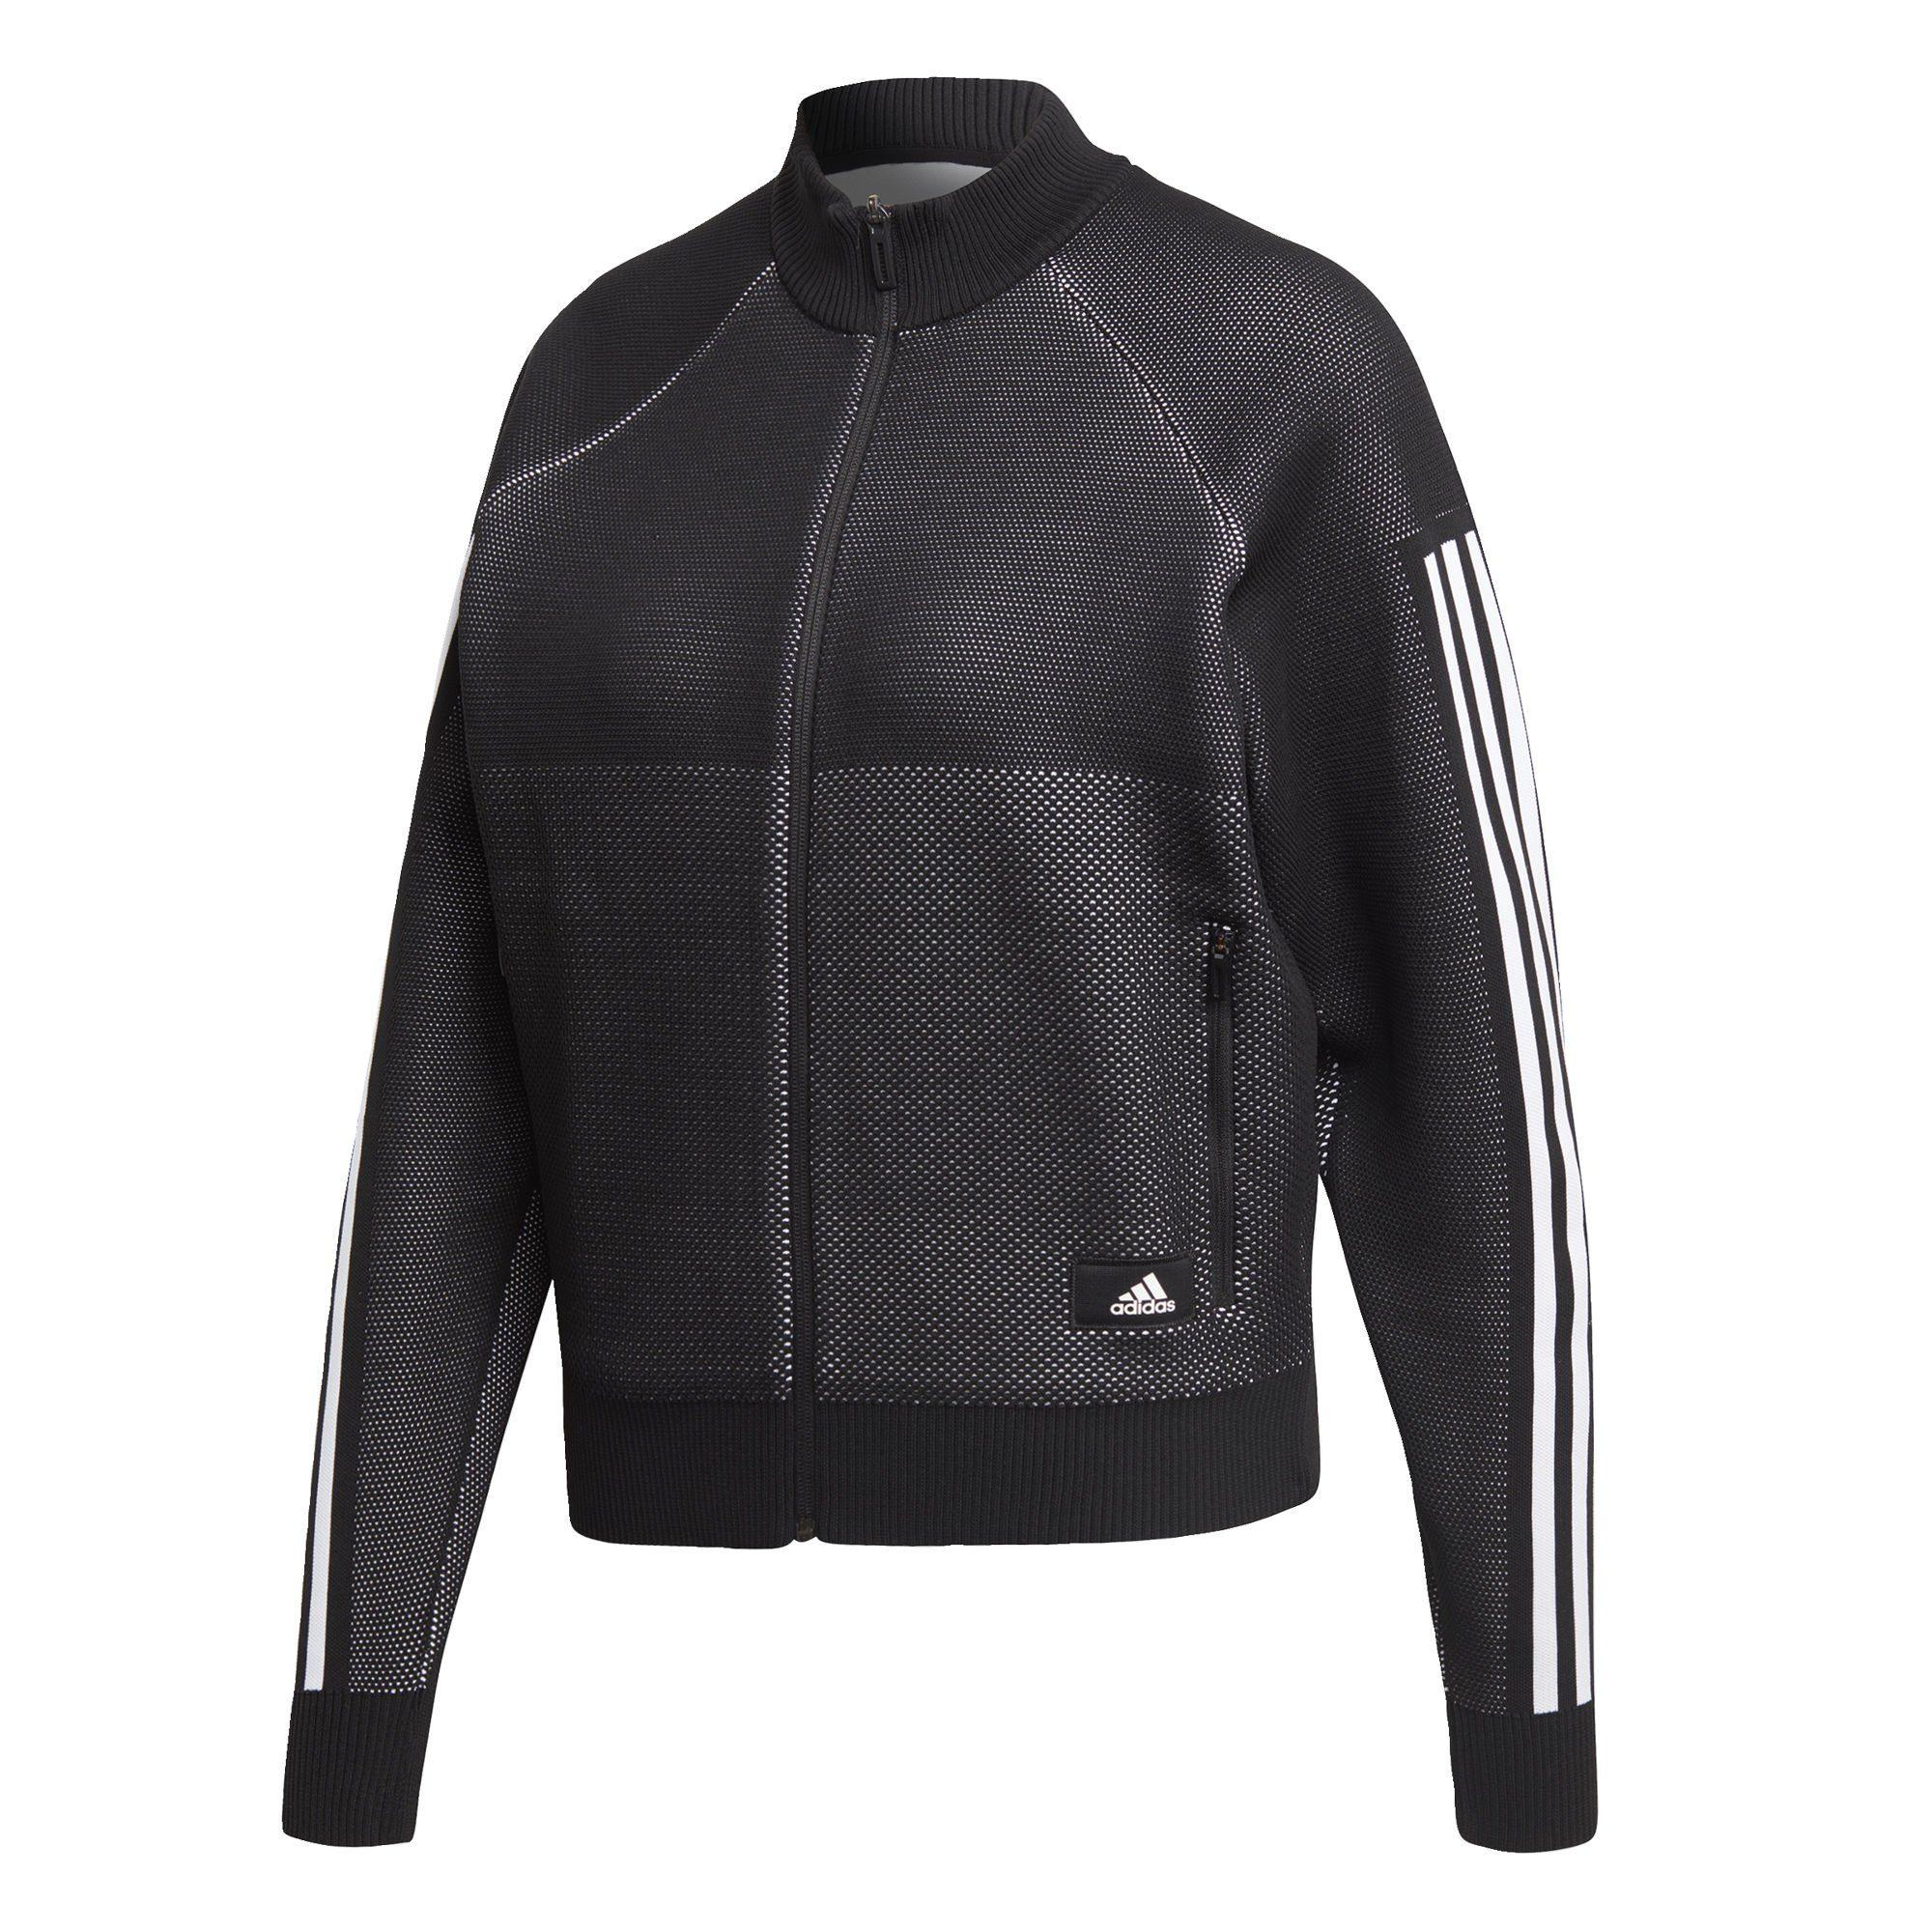 adidas Tiro 19 Trainingsjacke Damen schwarz weiß im Online Shop von SportScheck kaufen